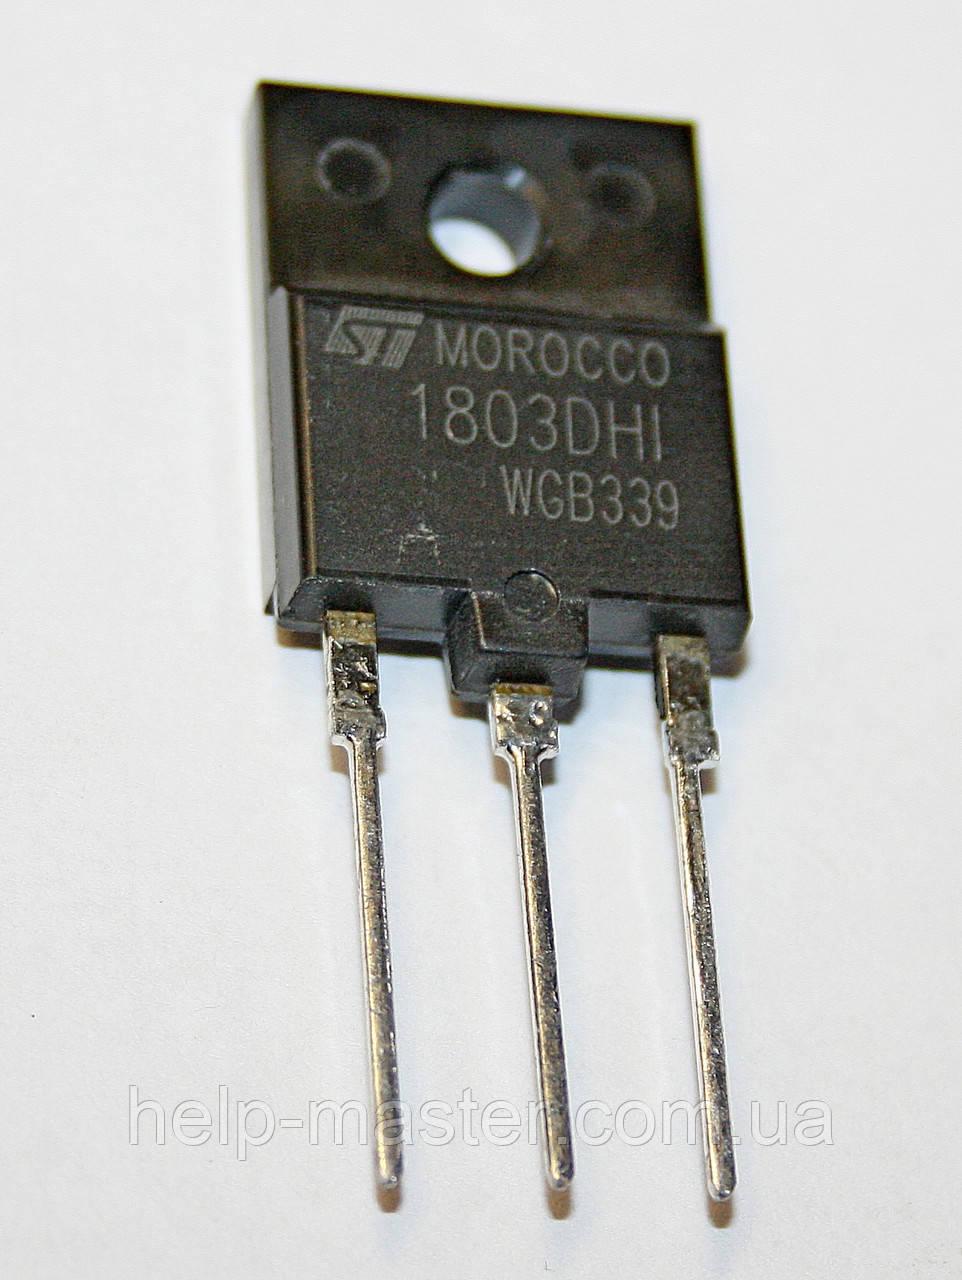 Транзистор ST1803DHI